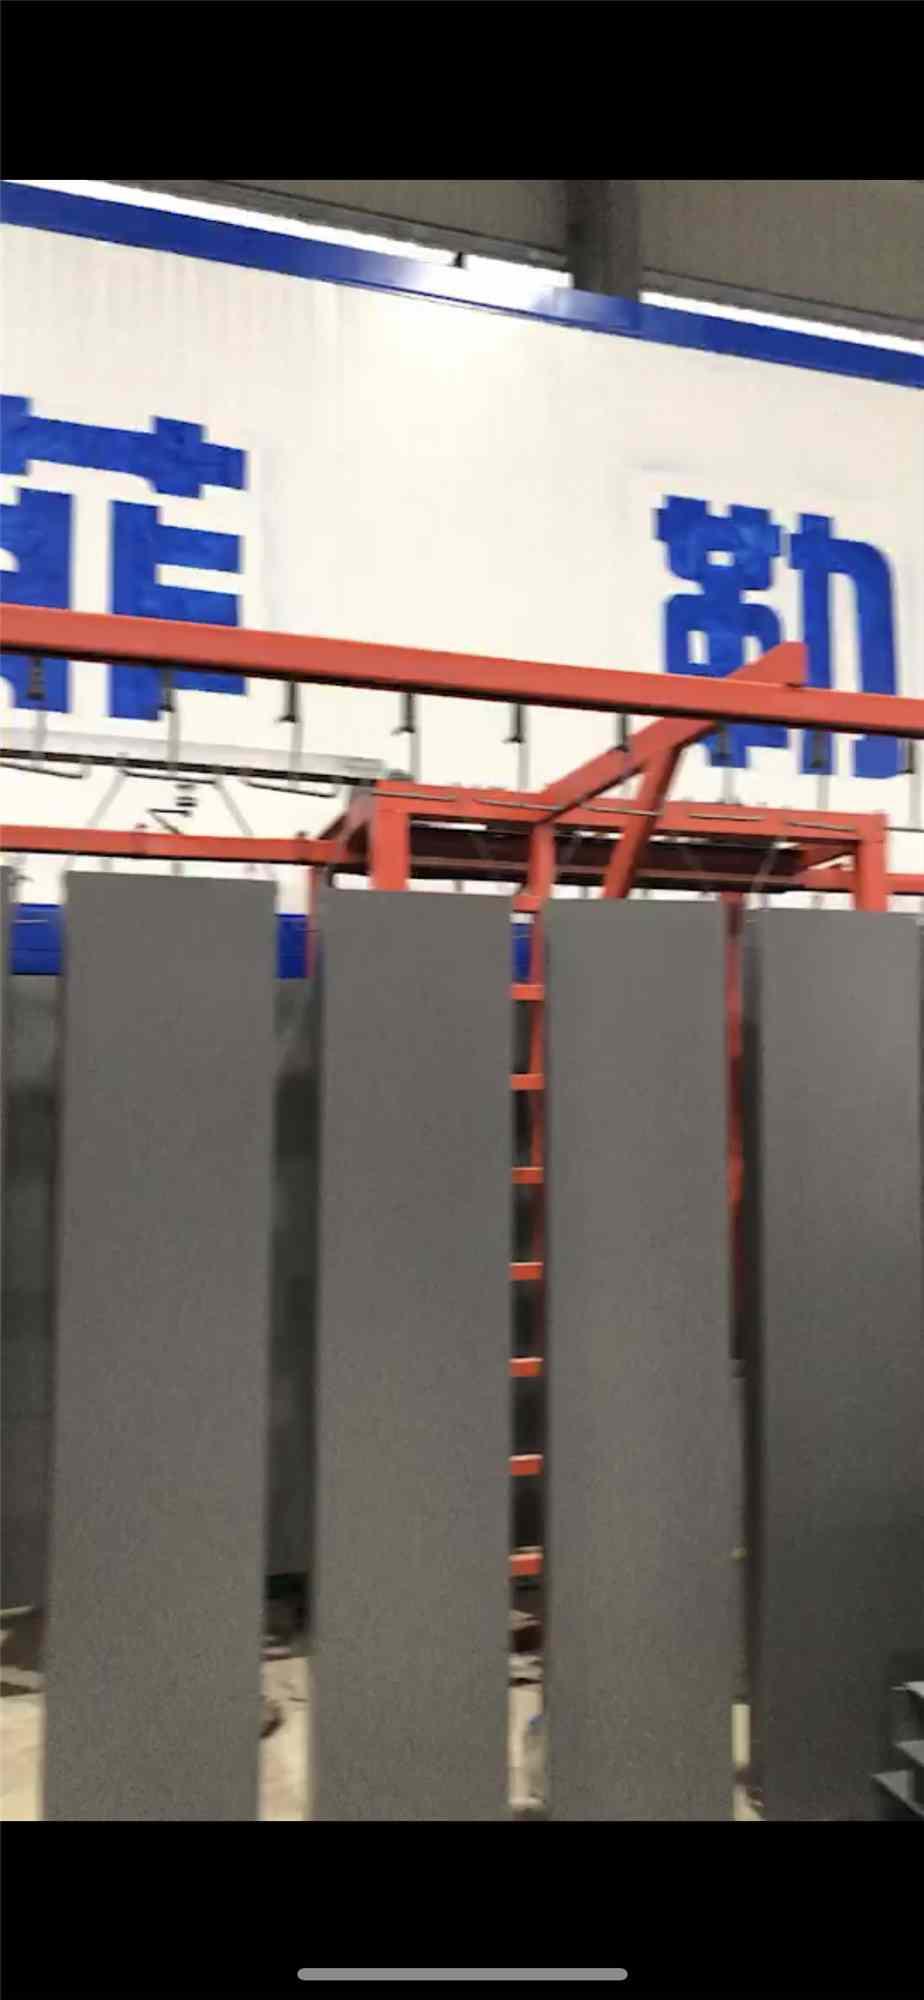 热浸锌大跨距梯式桥架 菲勒桥架质量可靠 2年质保,免费指导 专业定制